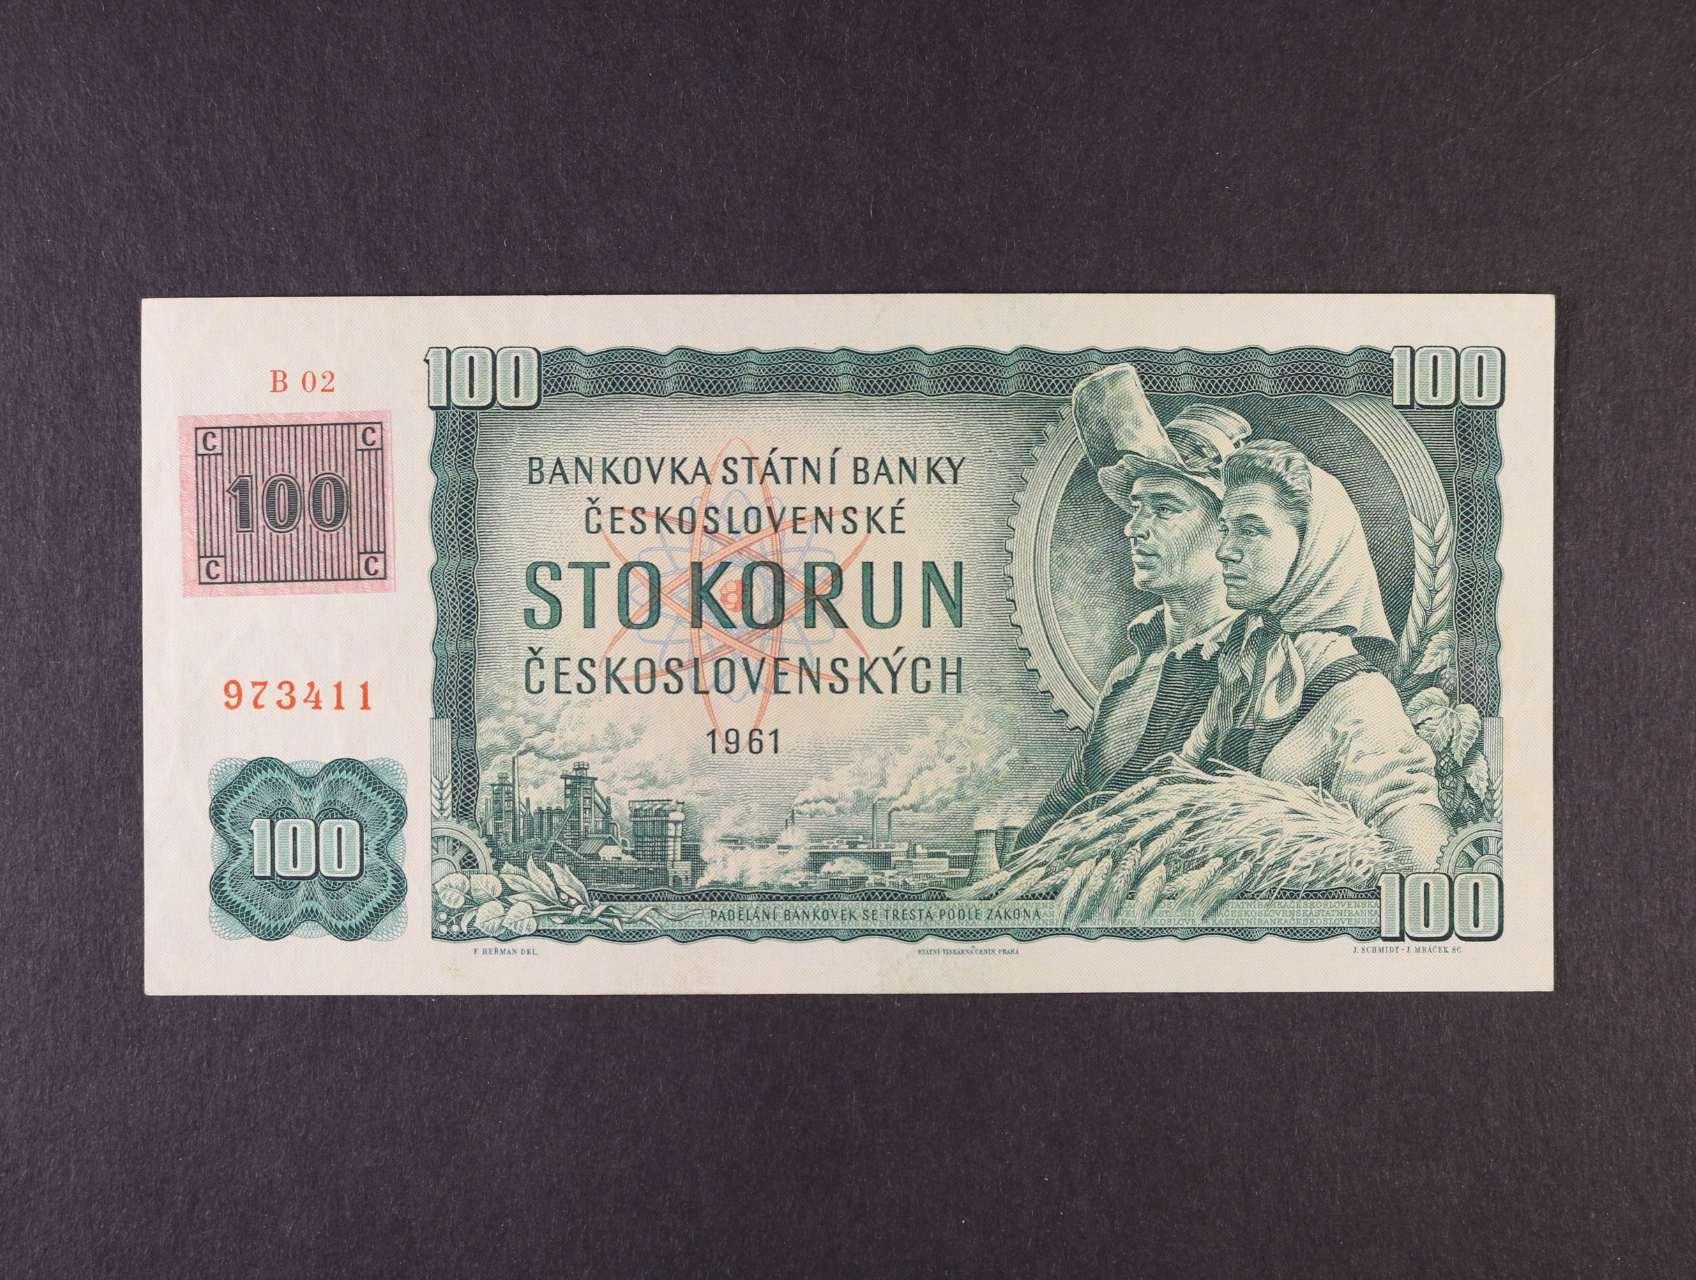 100 Kčs/Kč 1961/93 série B 02 kolkovaná, vodoznaková výztuž na líci bankovky, Ba. CZ 1a1, Pi. 1